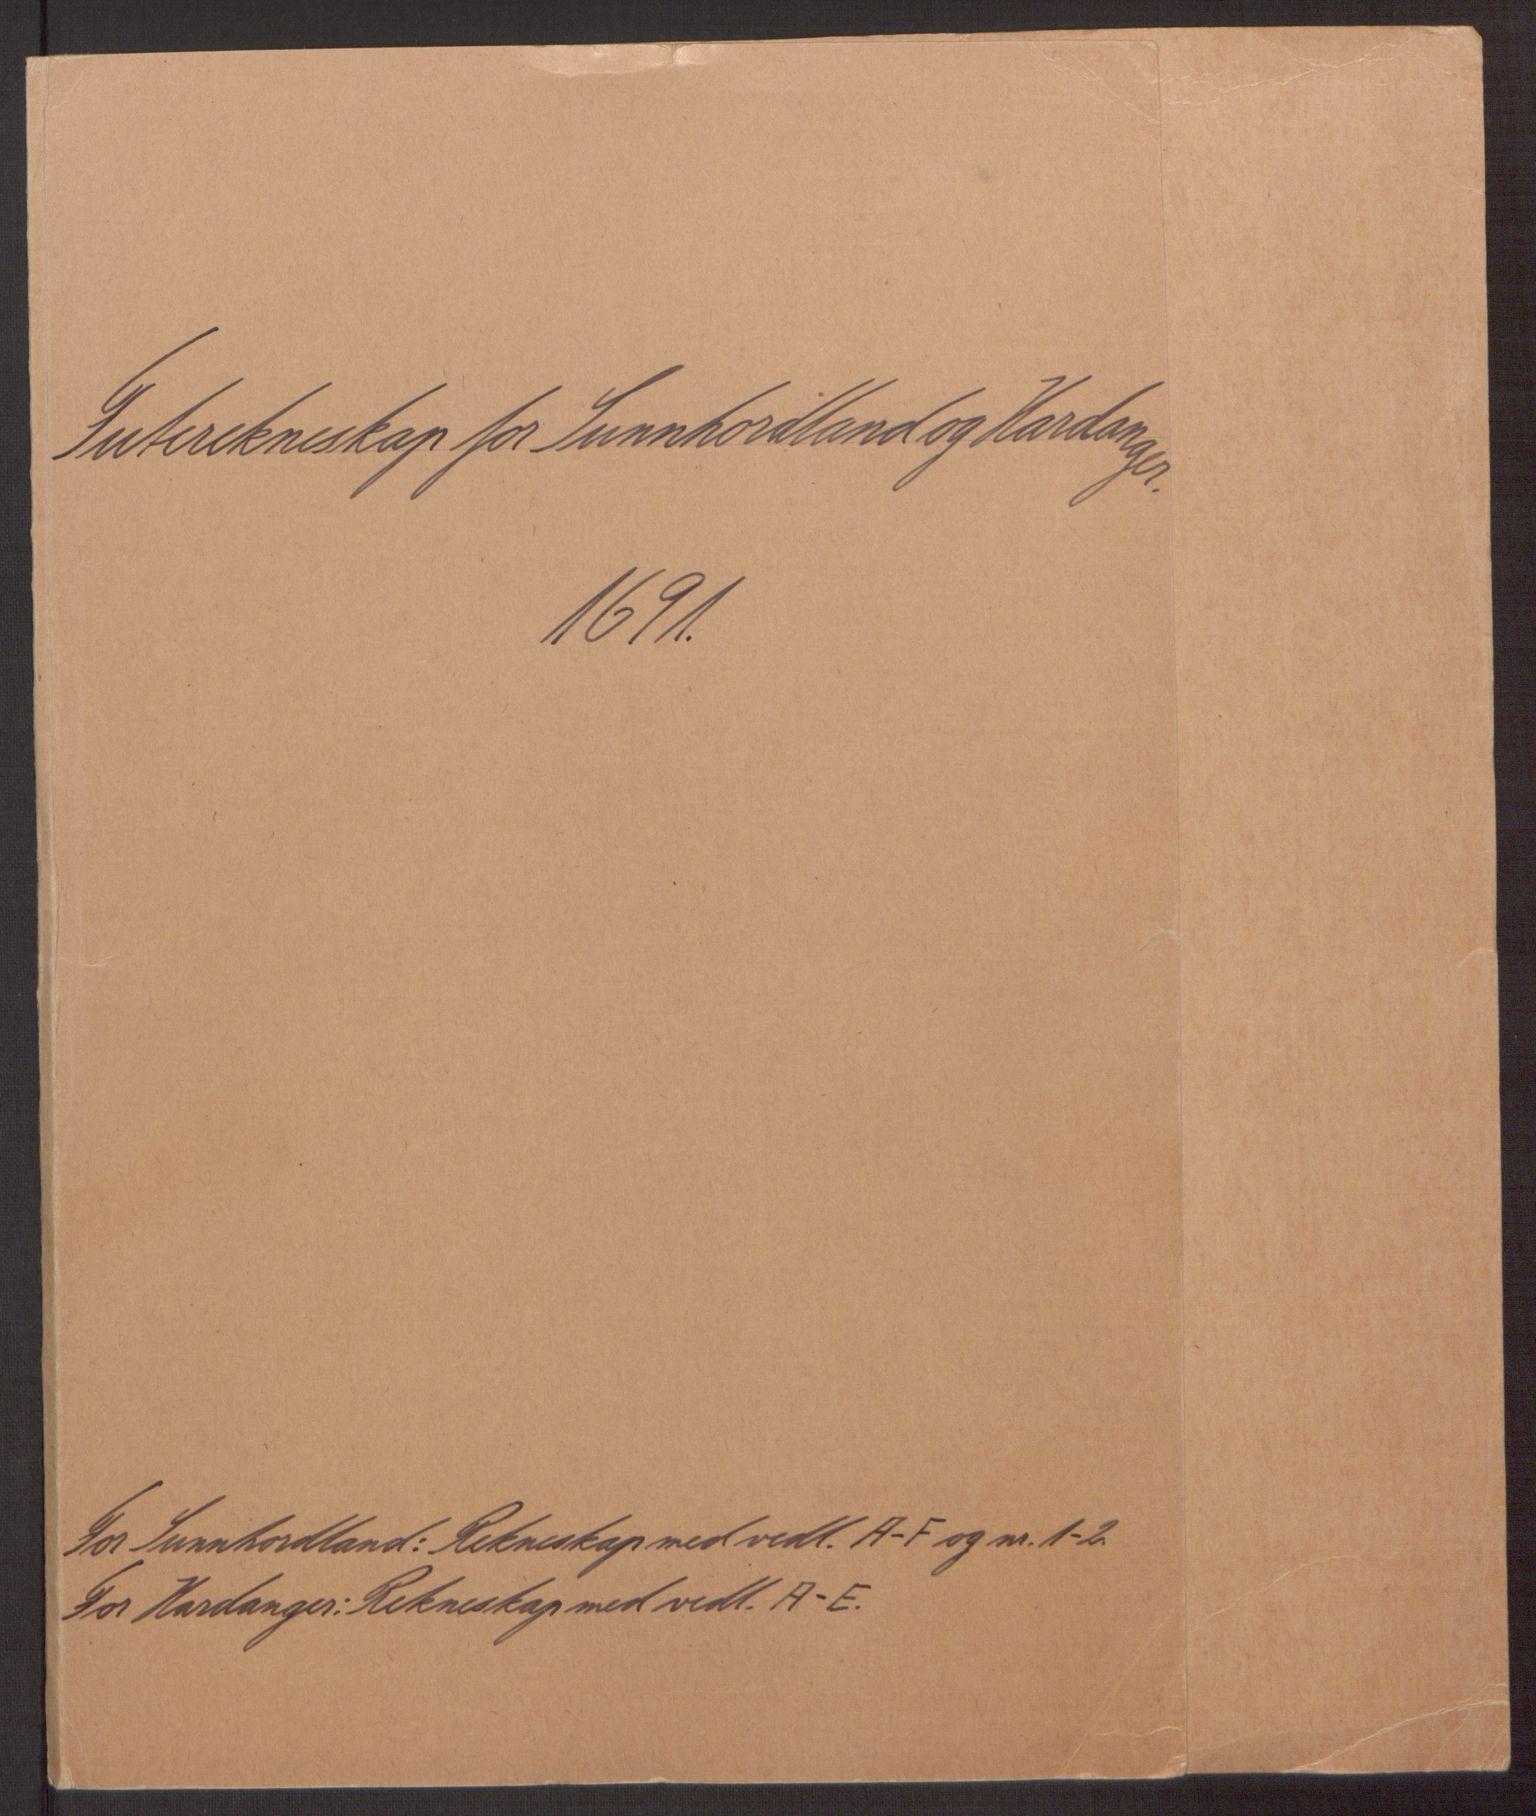 RA, Rentekammeret inntil 1814, Reviderte regnskaper, Fogderegnskap, R48/L2973: Fogderegnskap Sunnhordland og Hardanger, 1691-1692, s. 2